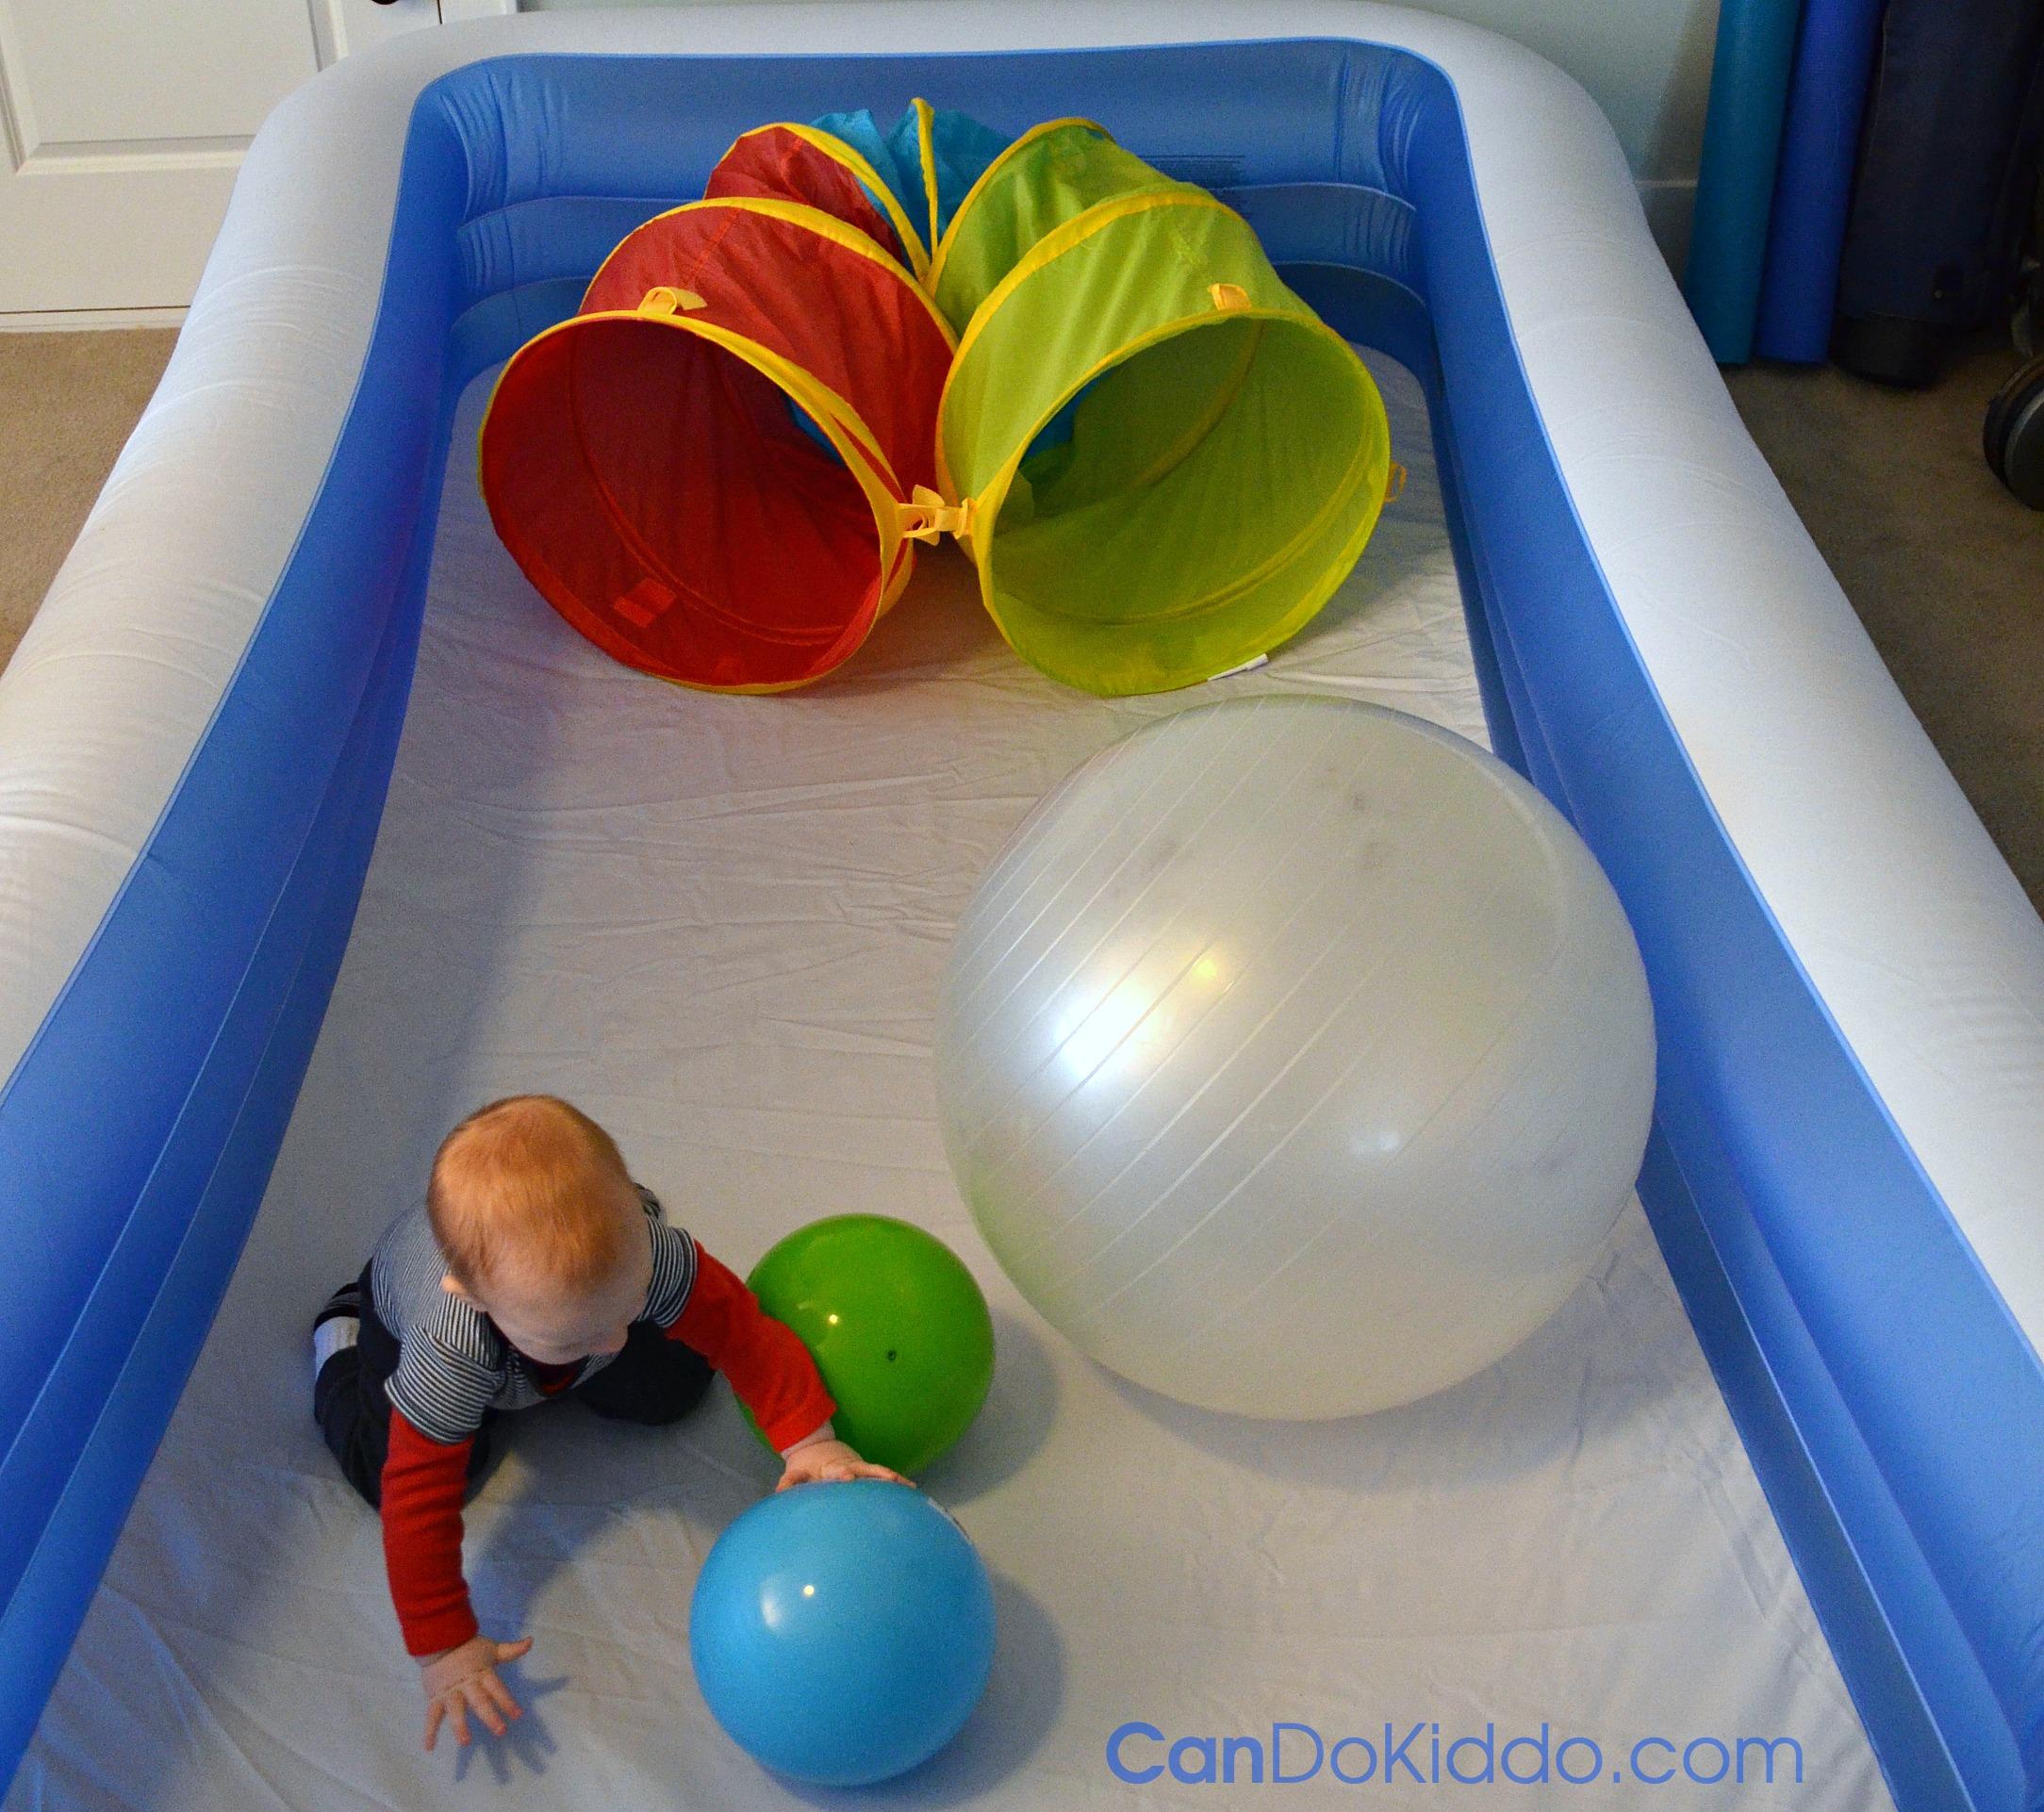 Indoor play in the baby pool playpen. CanDo Kiddo